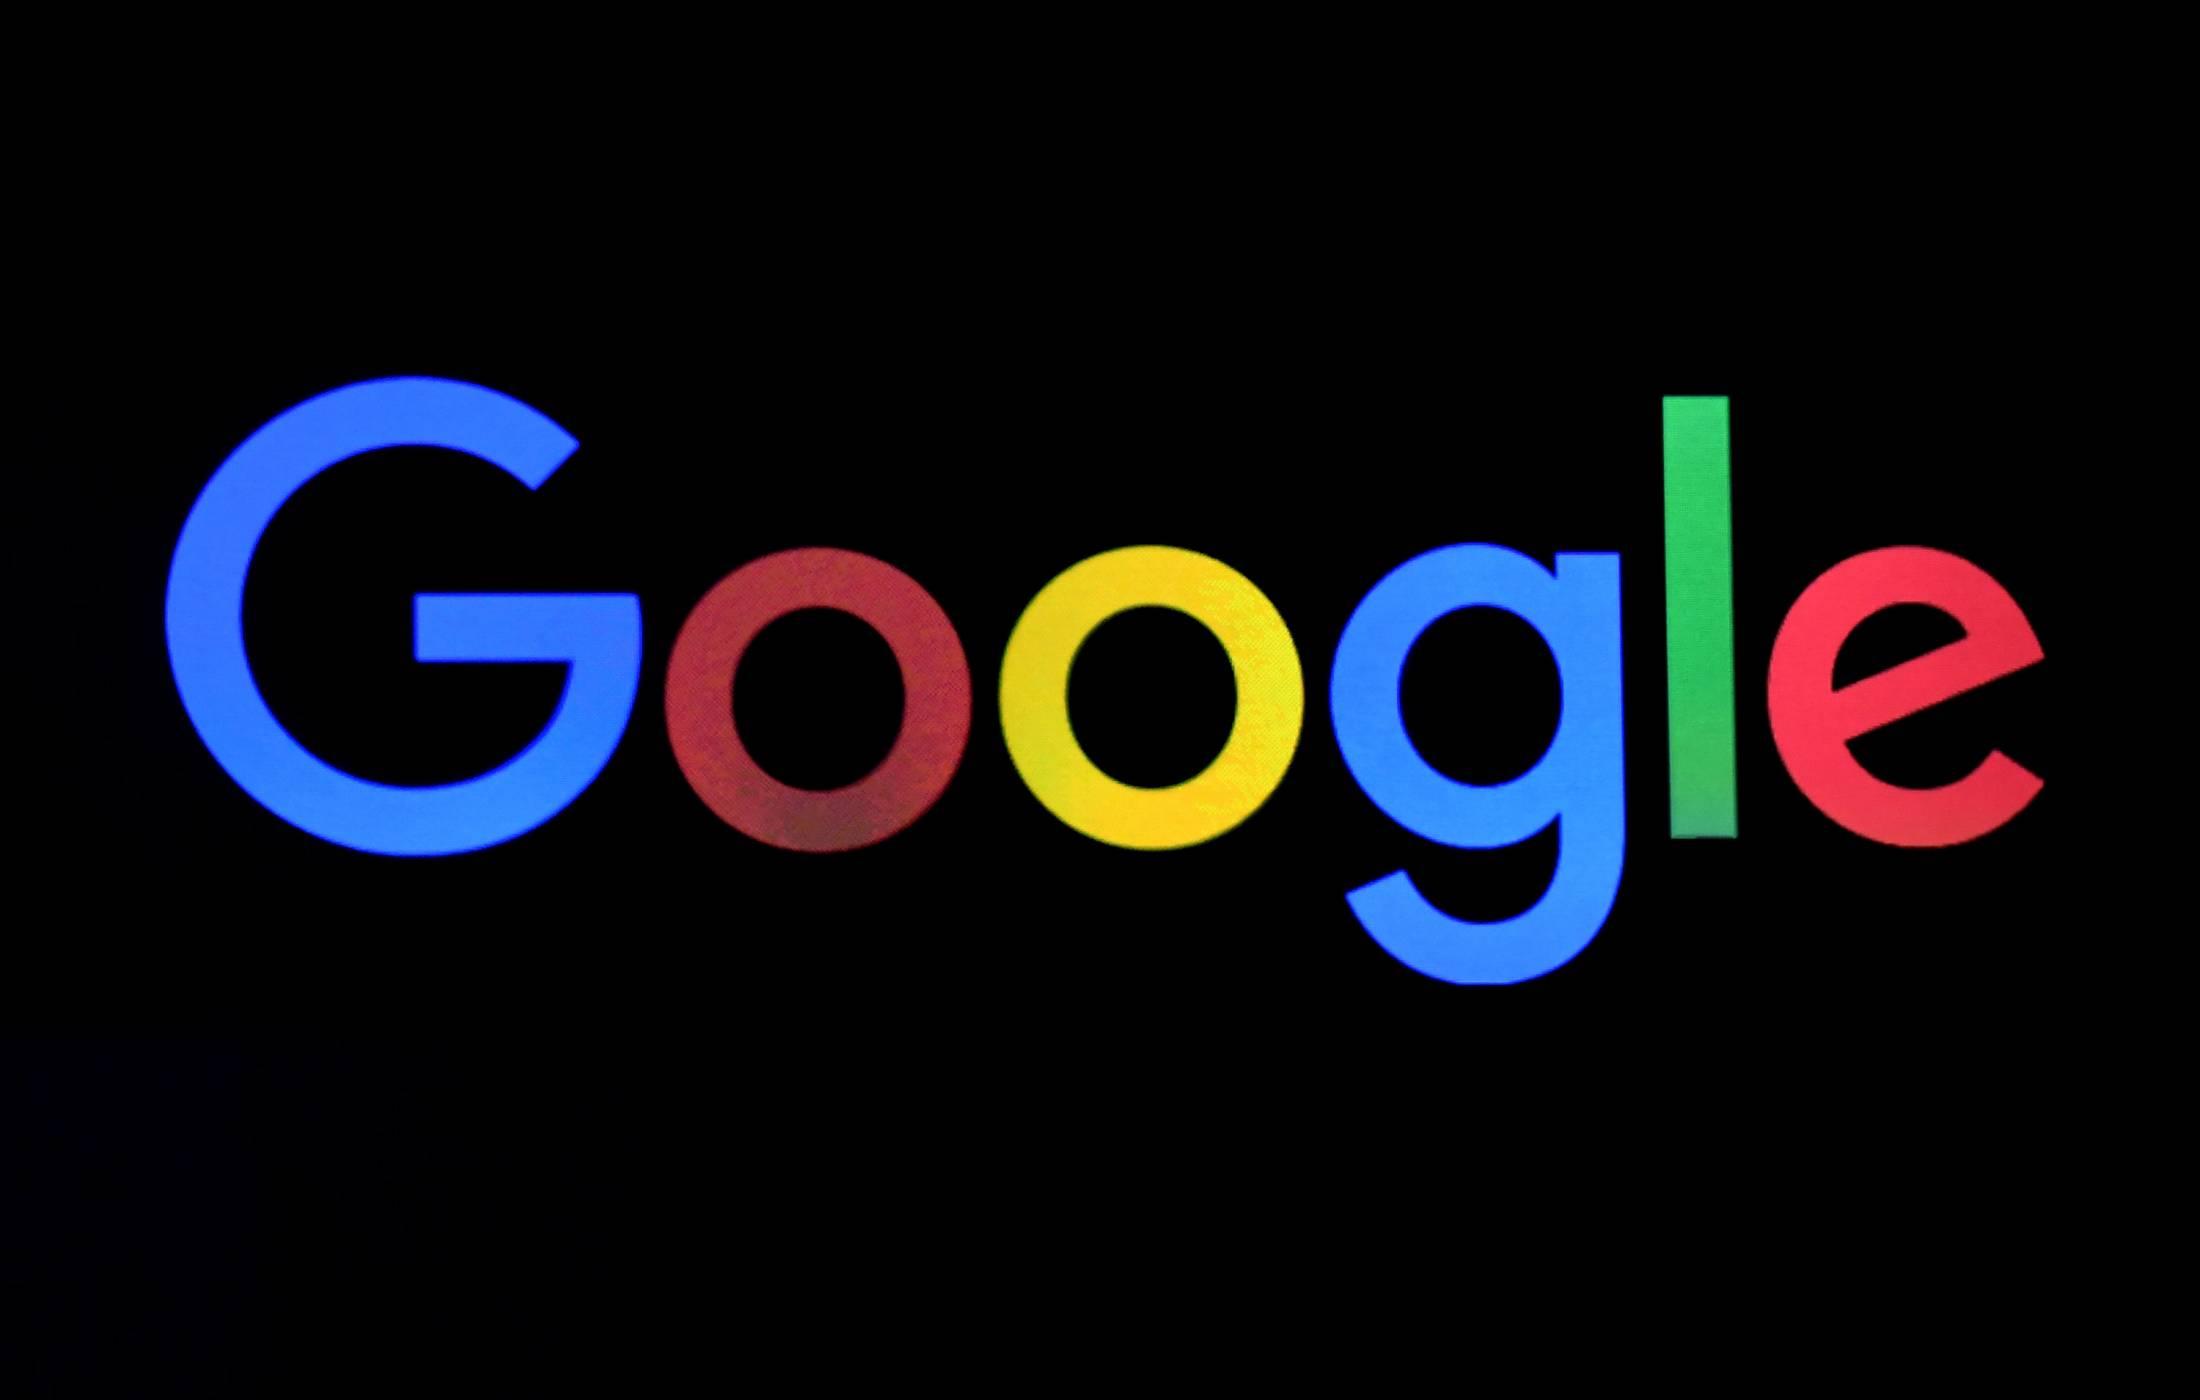 Google налага промени, свързани с авторското право при търсене на изображения